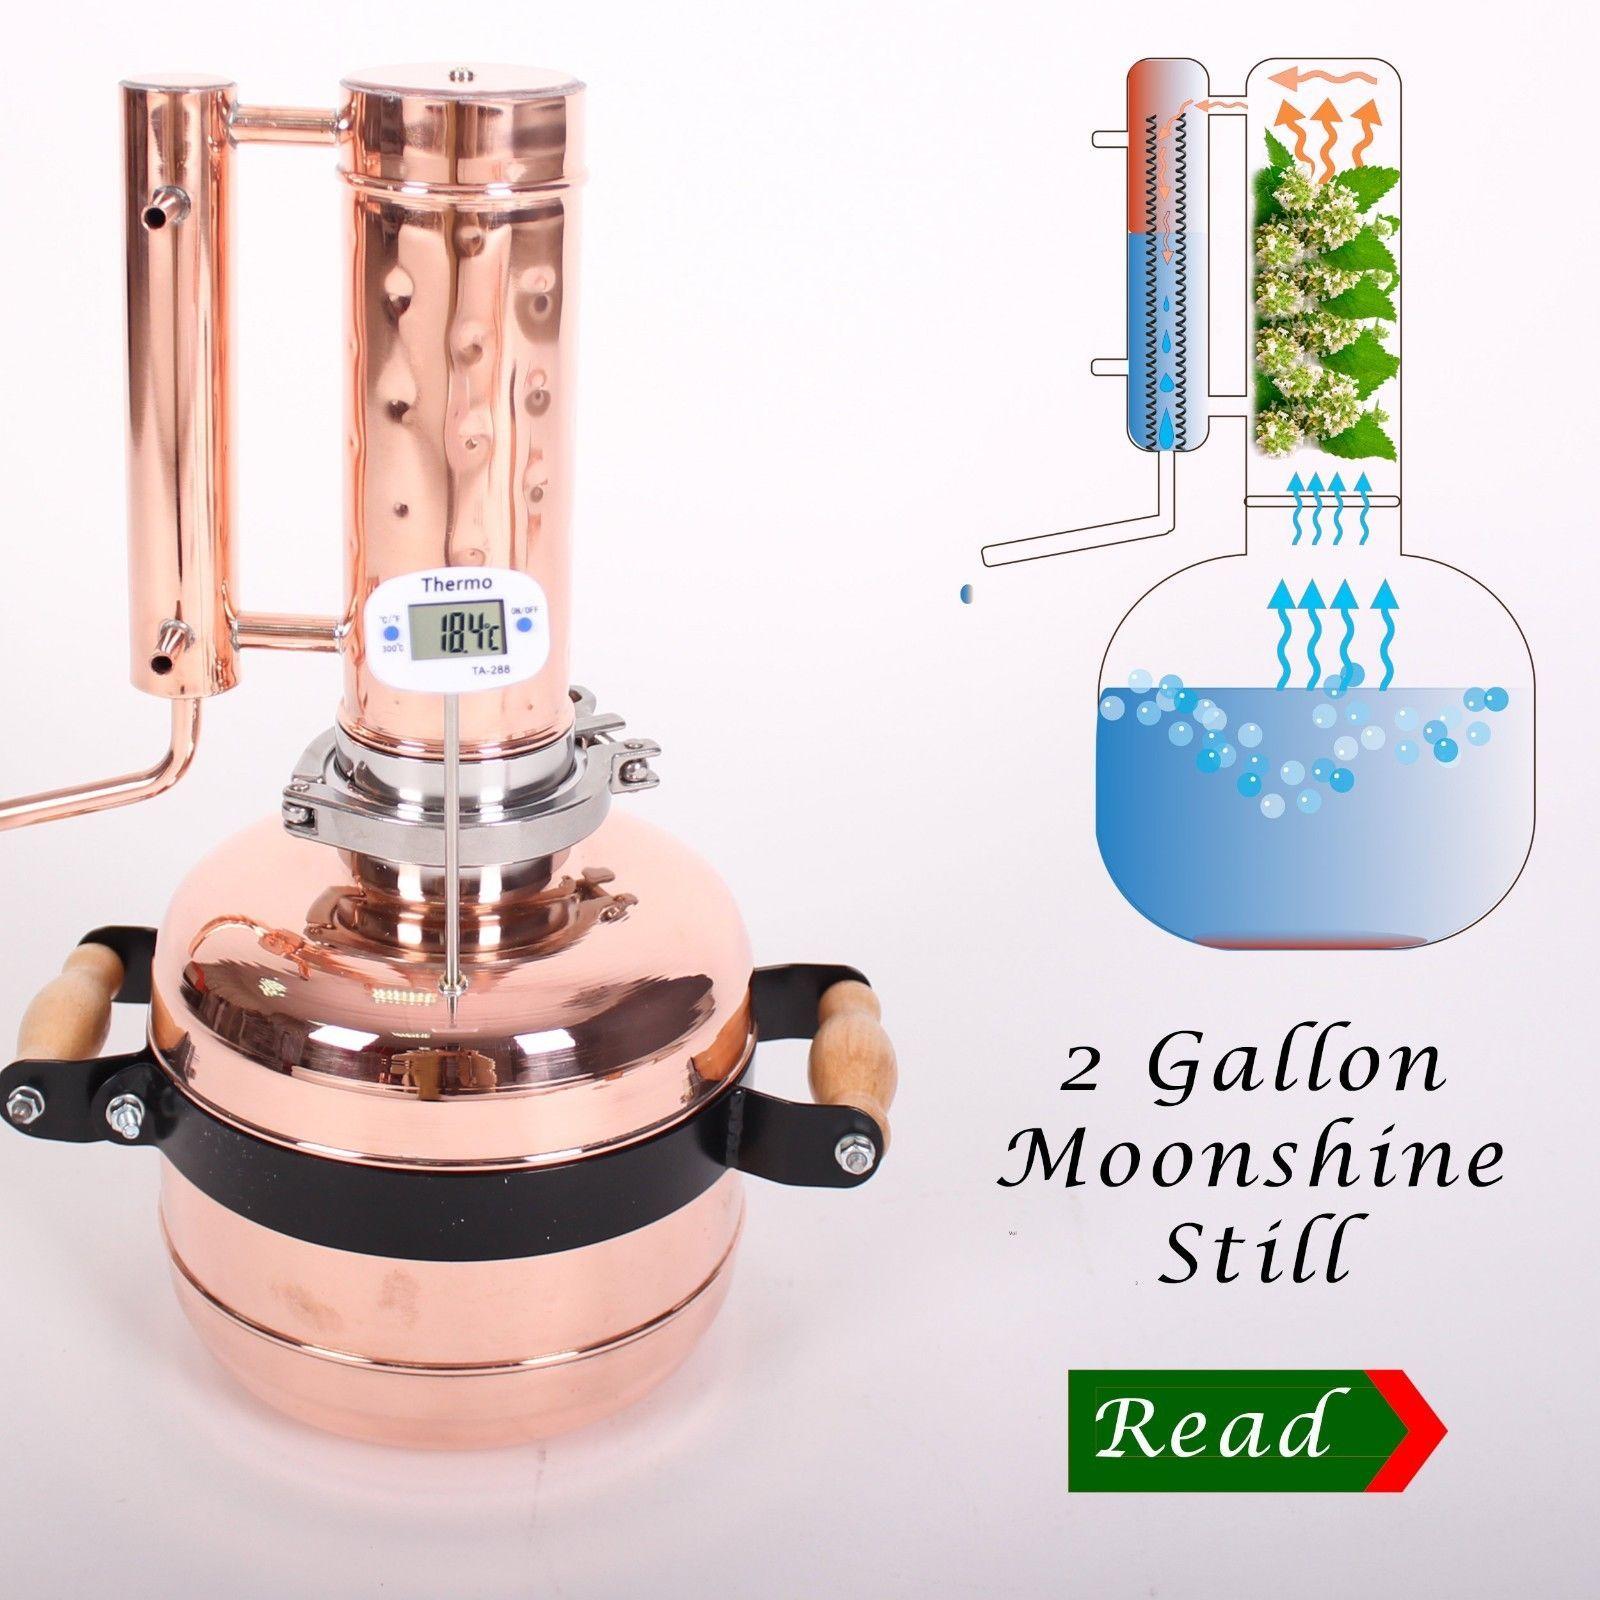 Copper Distiller 8 Liters Pot Still In 2020 Moonshine Still